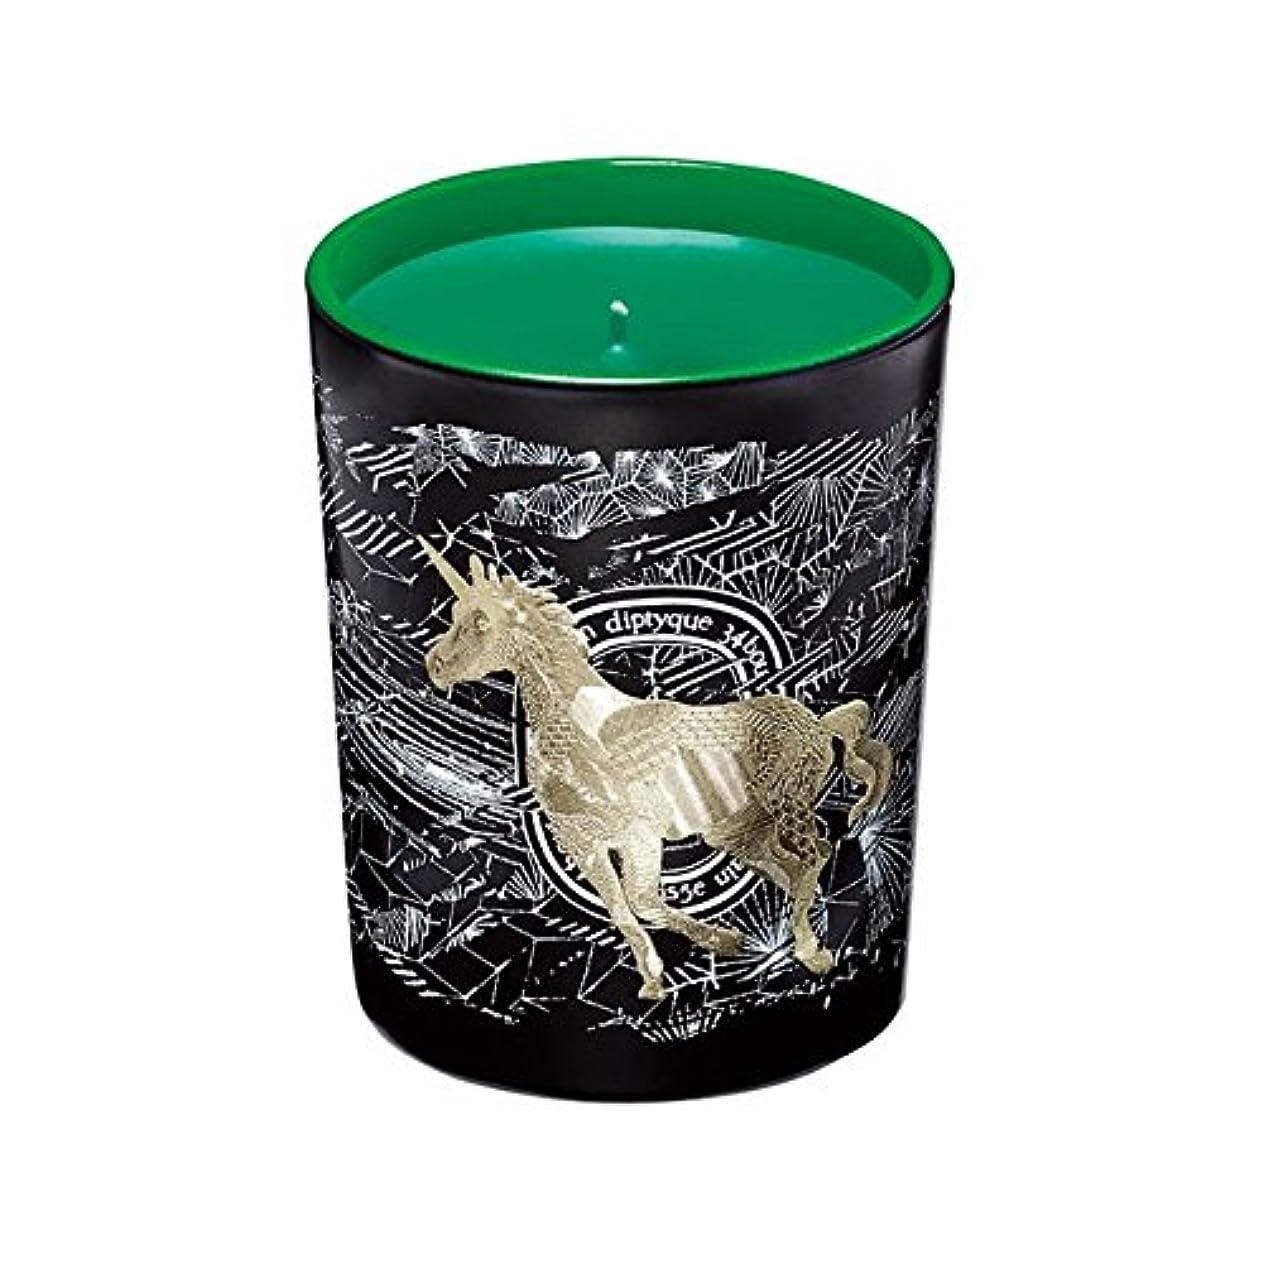 罪悪感綺麗な寄託Diptyque Cosmic Seasonal Scented Candle Holiday Limited Edition – フロストフォレスト( Foret Givree )グリーンユニコーン – 6.5 Oz...